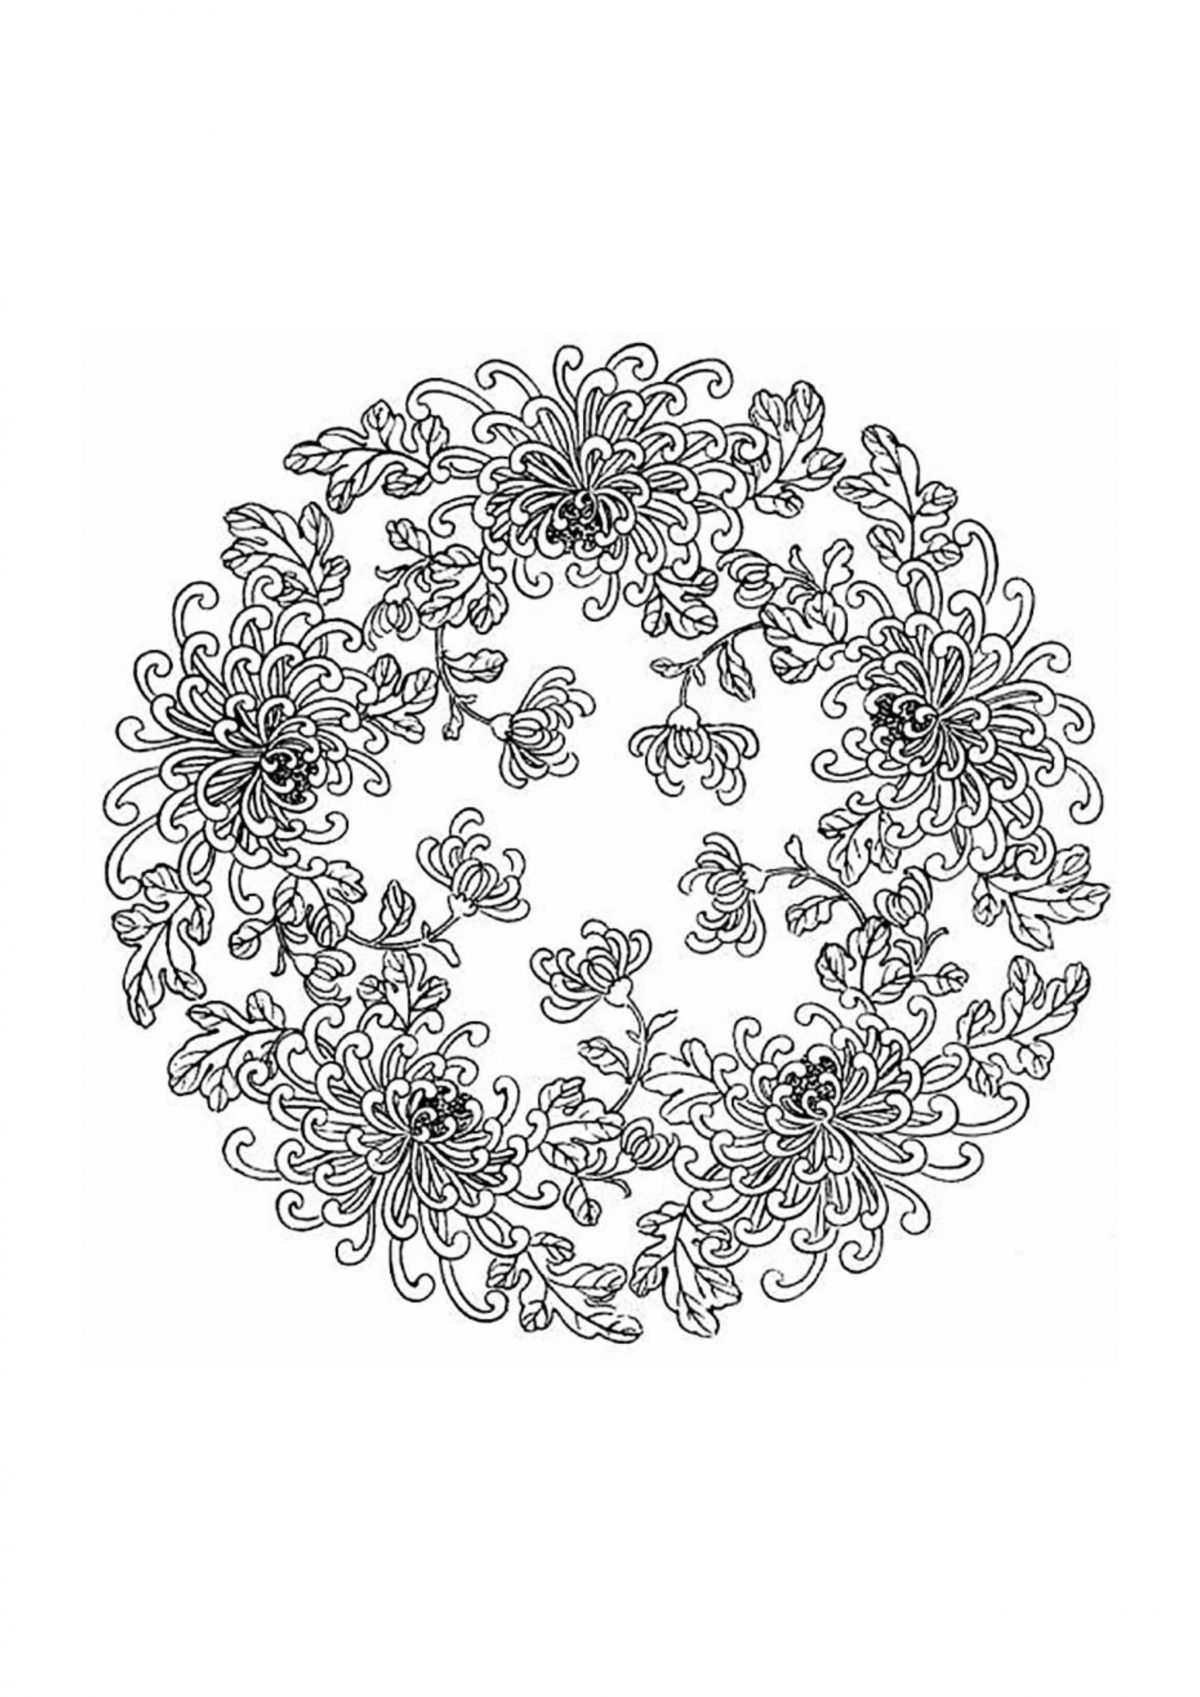 Раскраска антистресс с цветами в круге - Раскраски А4 ...